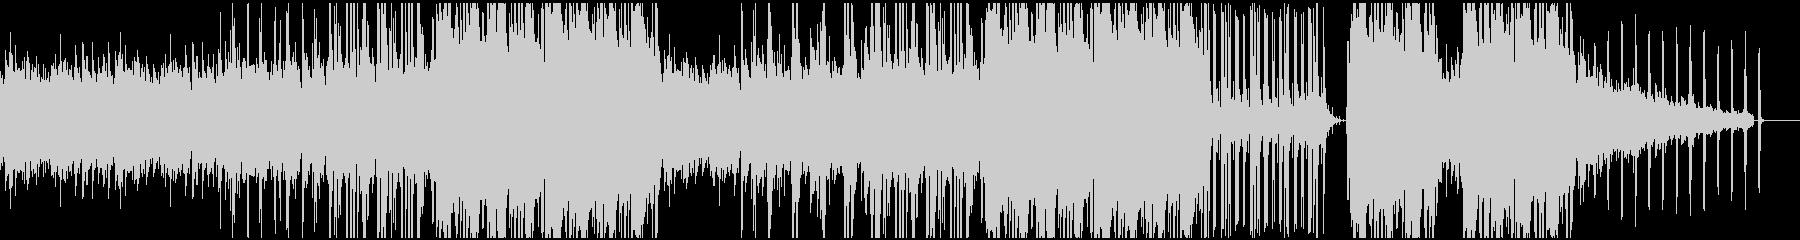 ピアノが切ないヒップホップ調BGMの未再生の波形